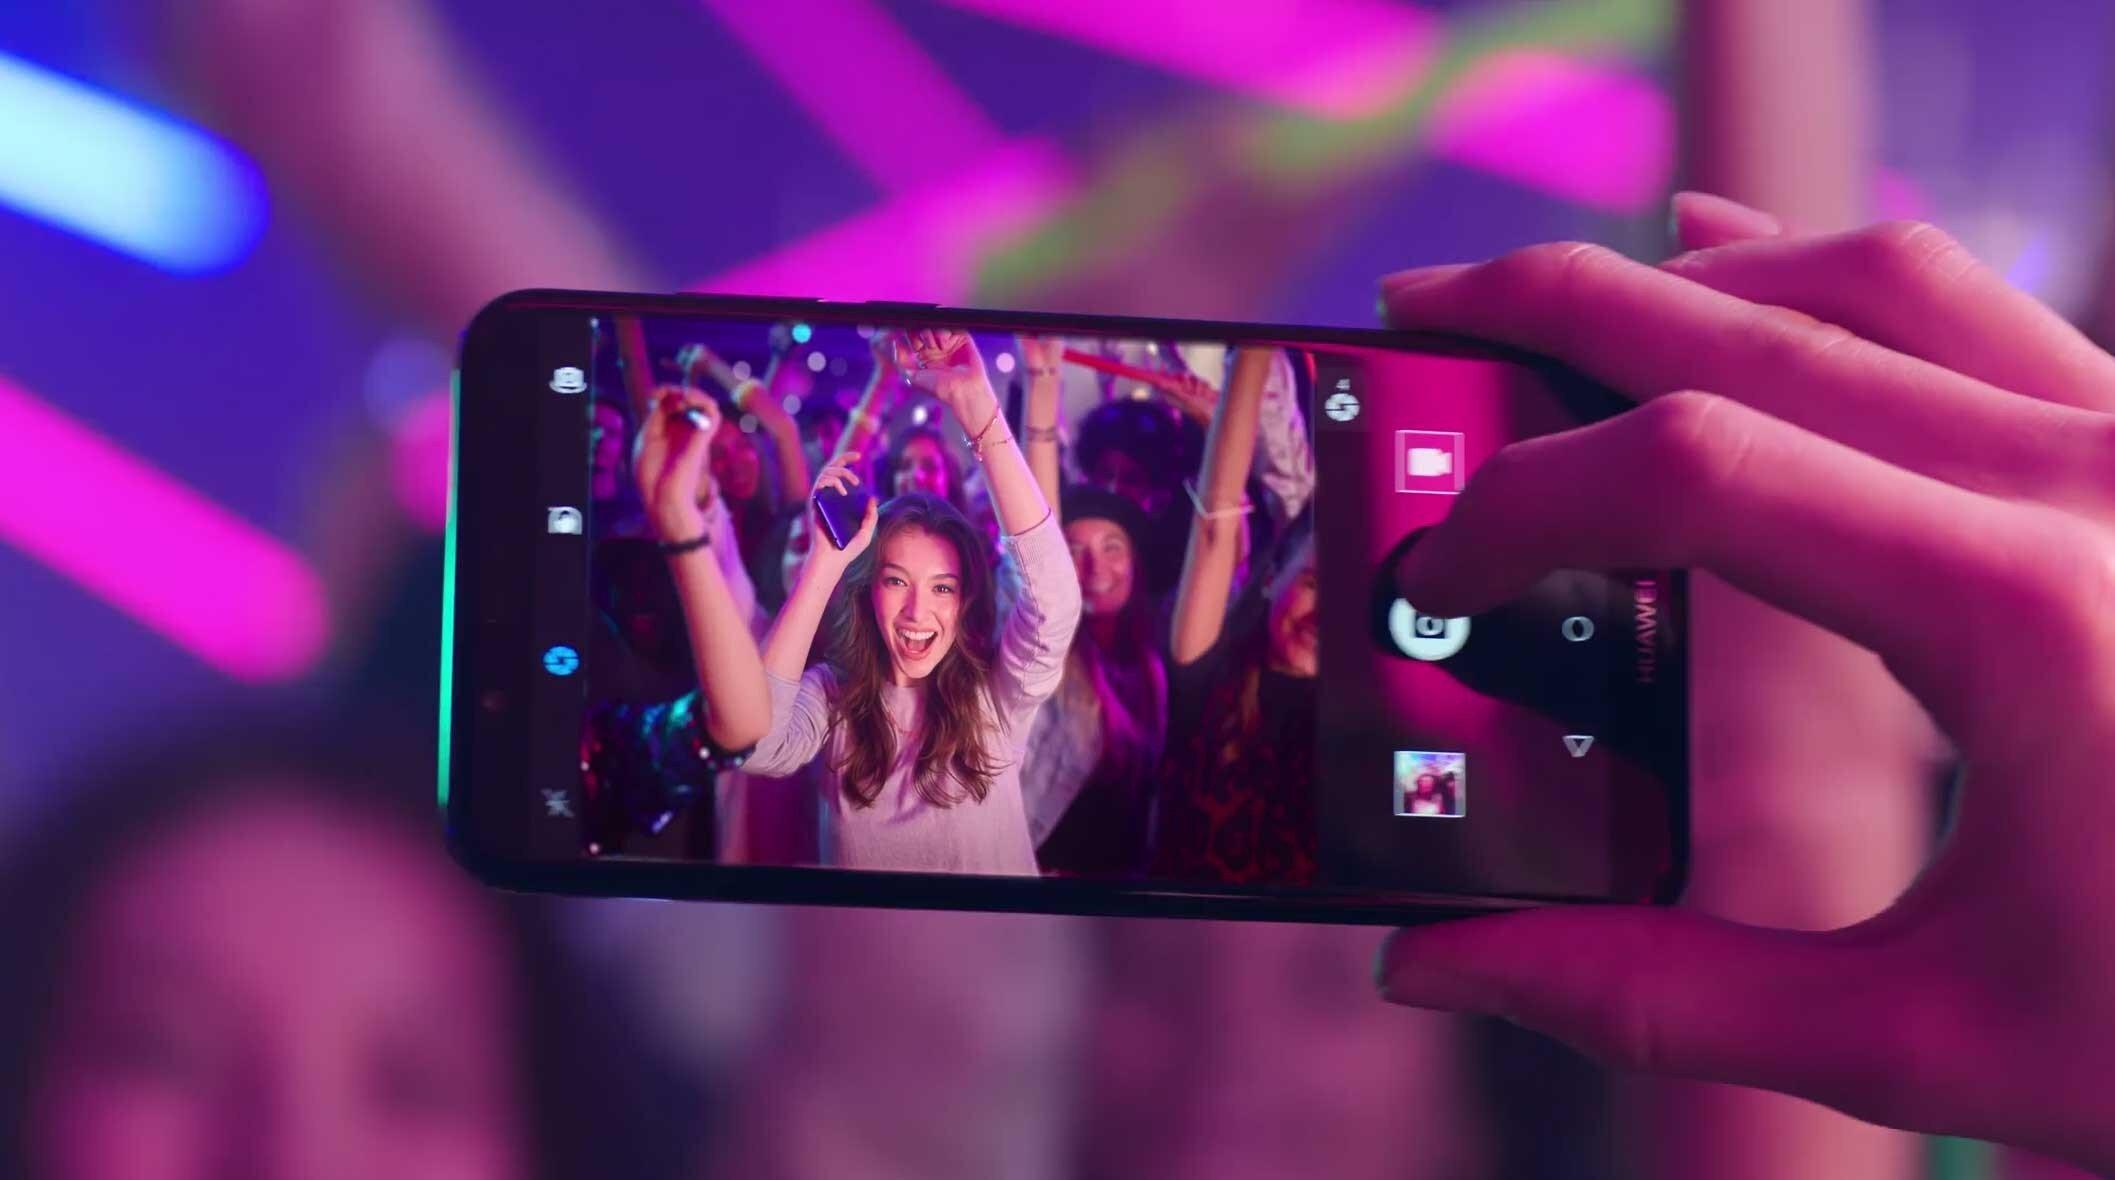 Chất lượng hình ảnh của Huawei Y7 Pro được đánh giá khá cao